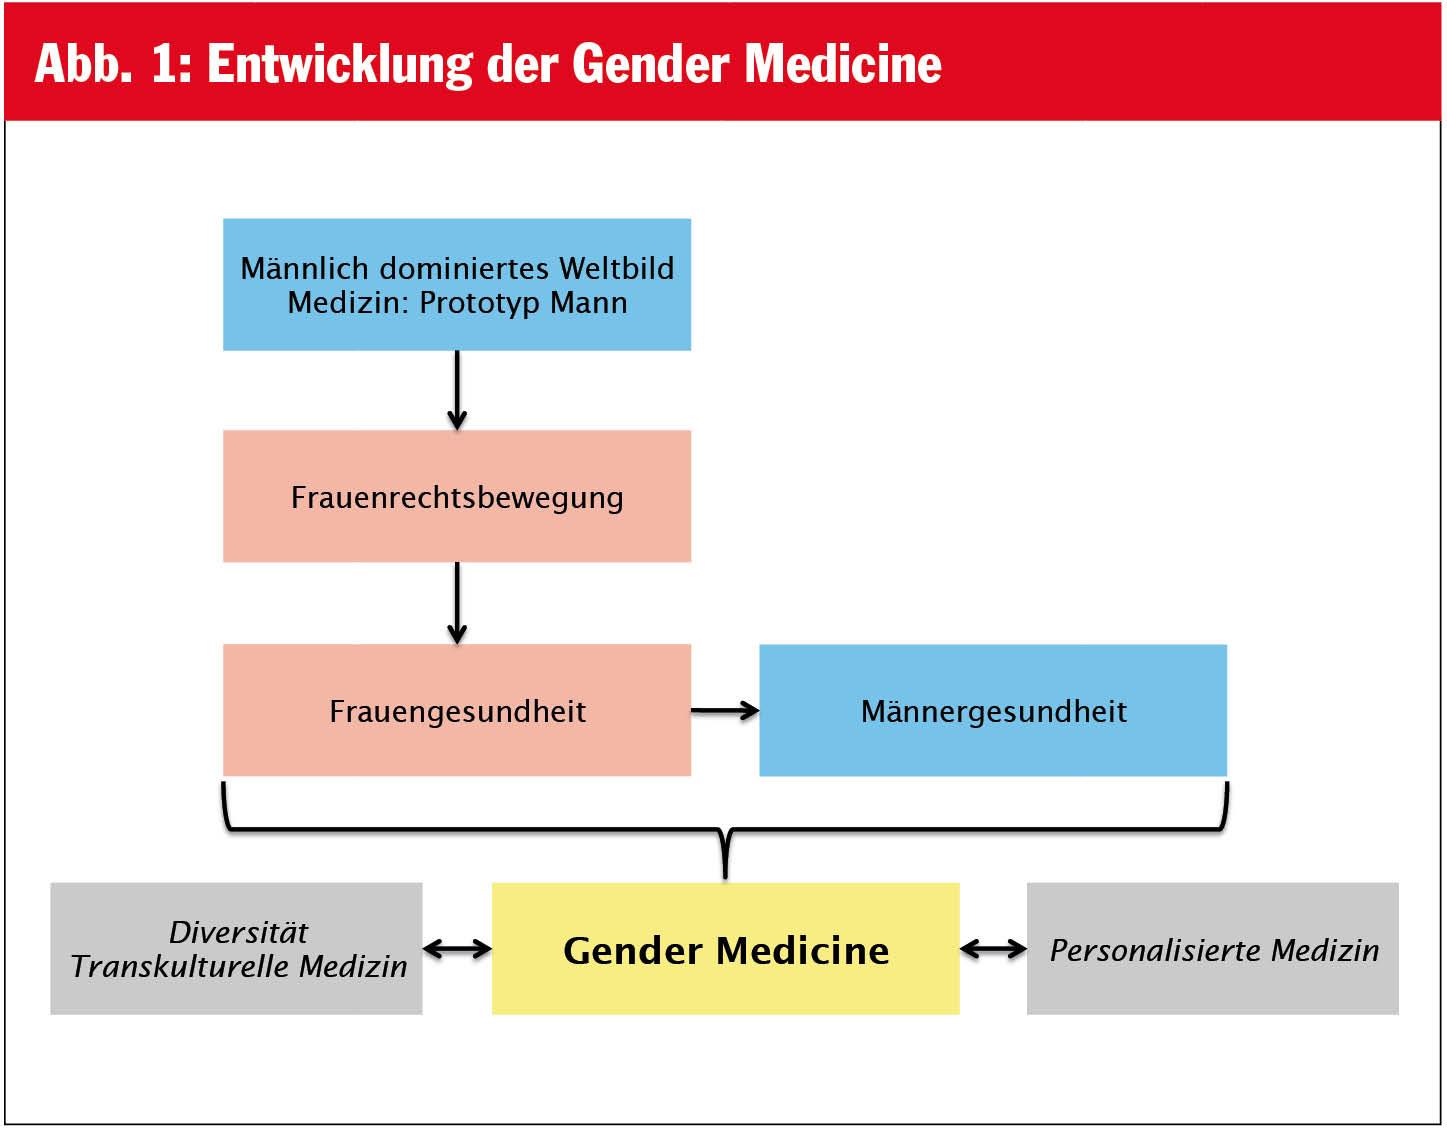 Gendermedizinin der täglichen Praxis | Ärzte Krone | MedMedia